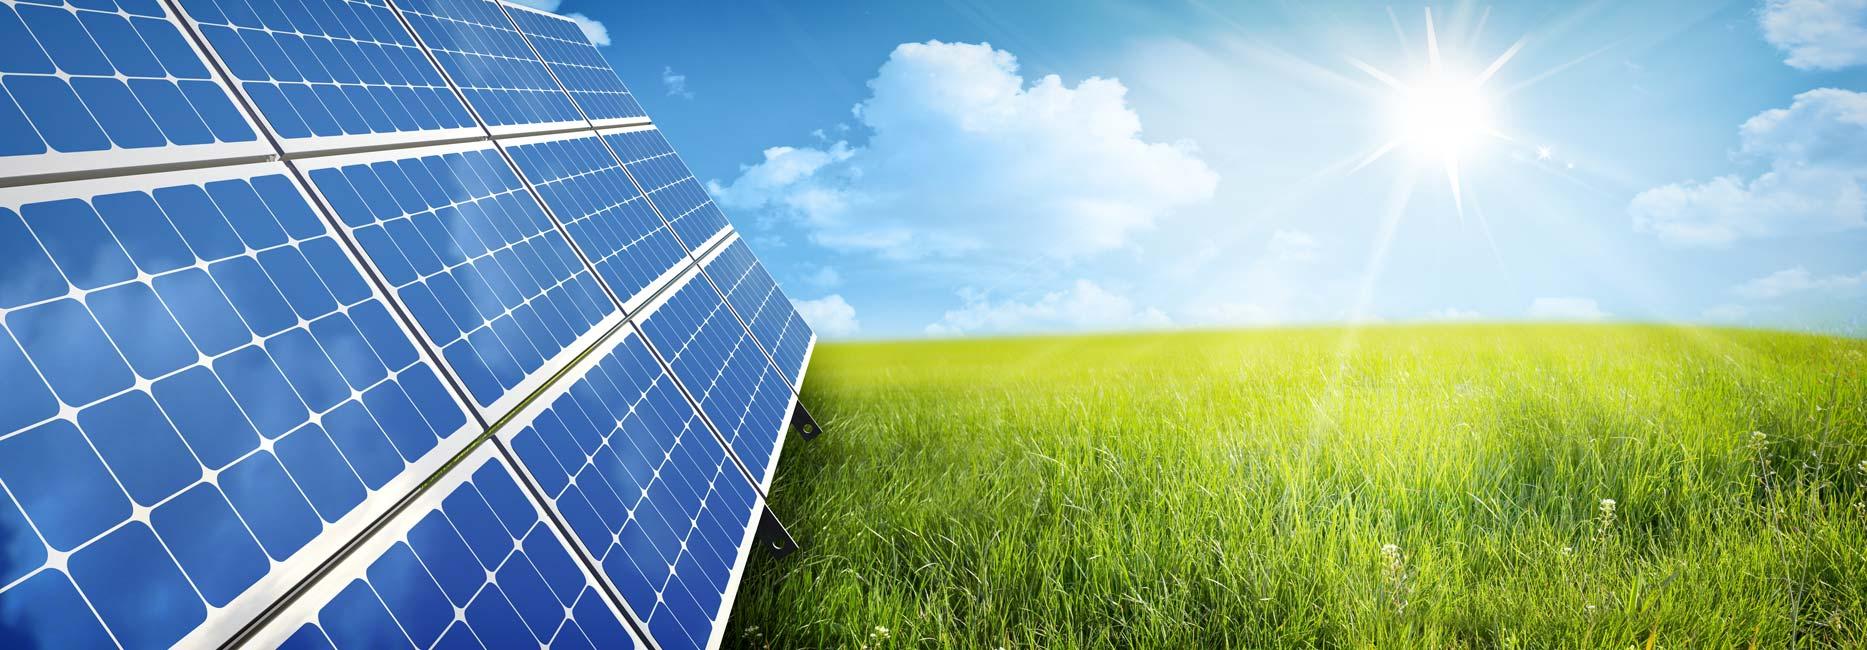 solaranlage-mit-landschaft